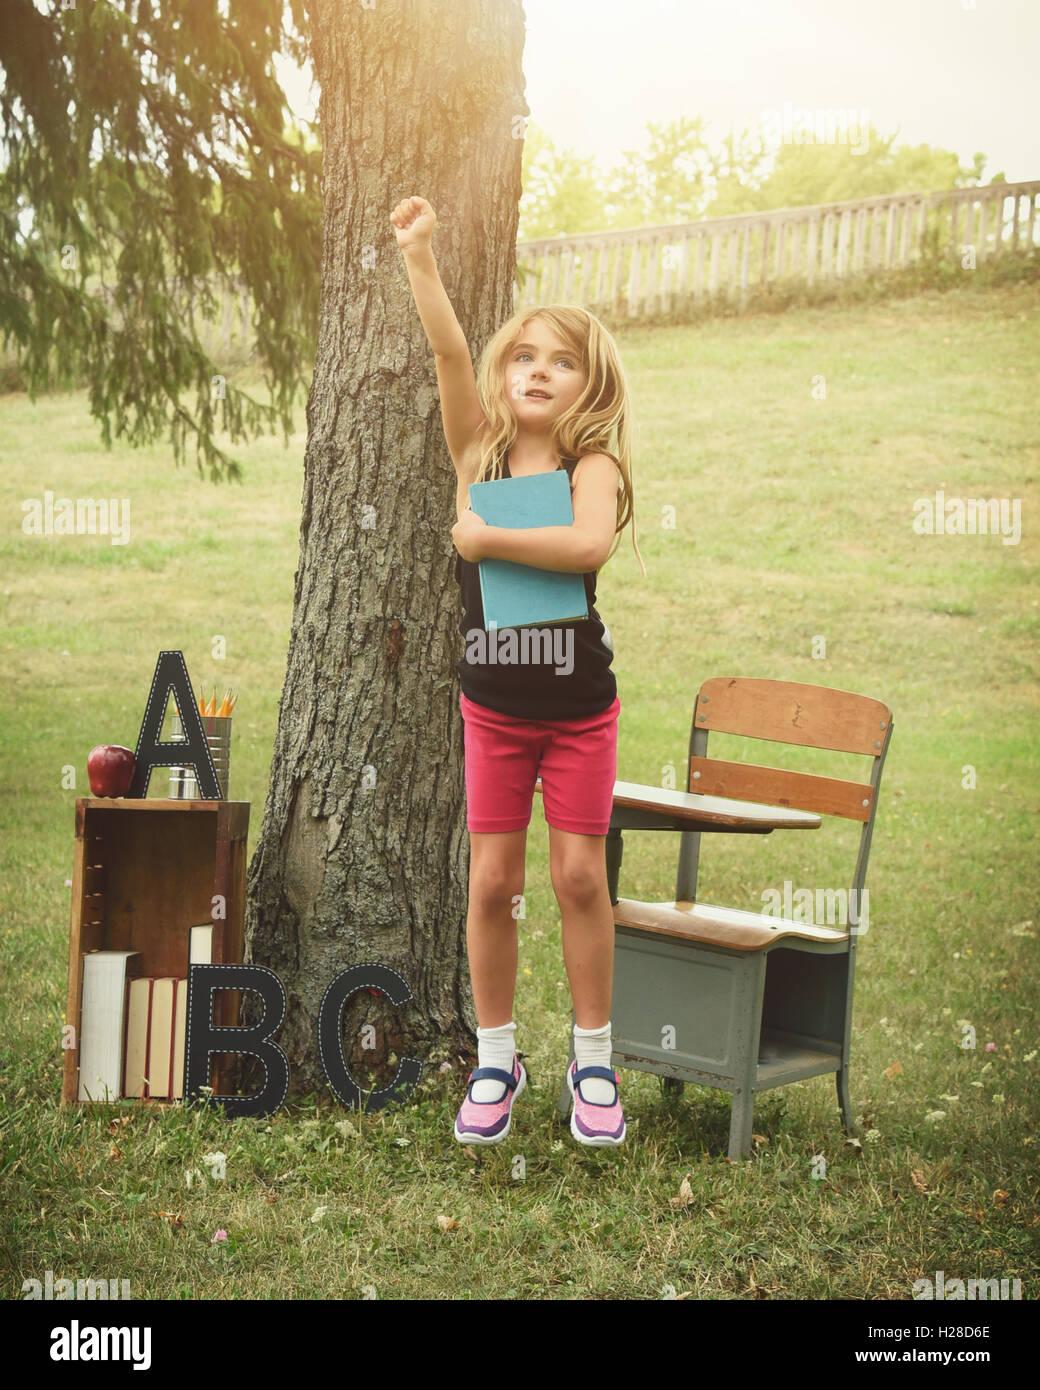 Un enfant saute vers le haut dans le bonheur à l'extérieur d'un bureau et d'adresses. L'utiliser pour un retour à l'école, l'éducation ou de succès concept Banque D'Images